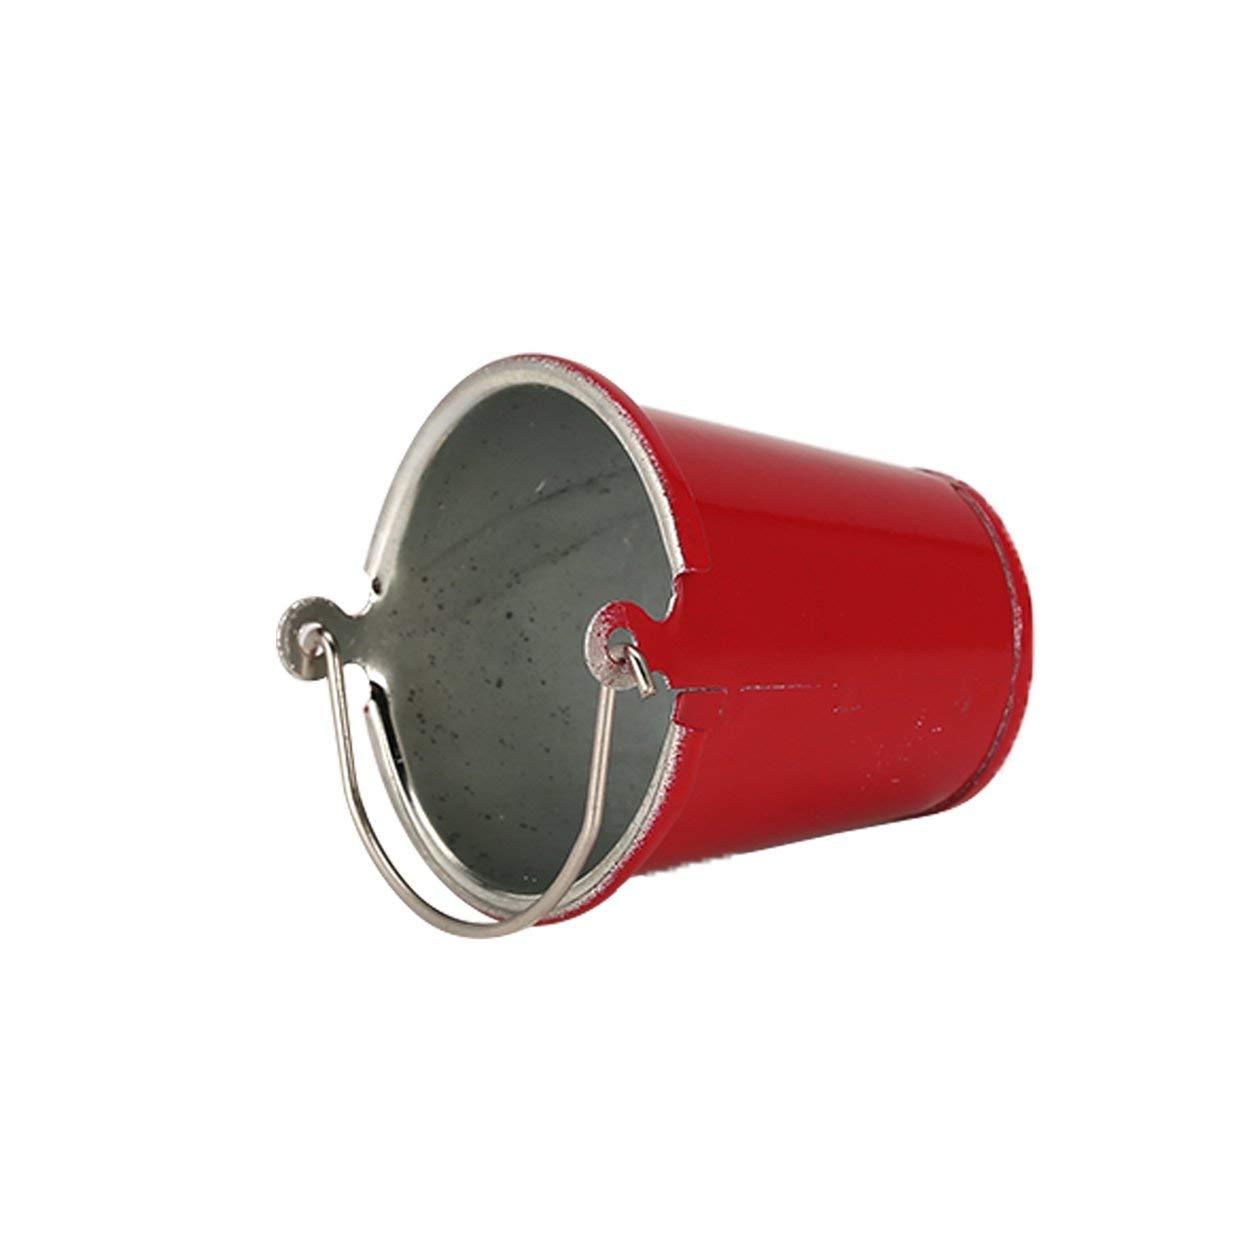 Tama/ño peque/ño Lorenlli Modelos de cucharas de Agua Aptos para SCX10 TRX4 RC Off-Road RC Crawler Car Axial High Simulation Metal Rojo Mini Cubo port/átil